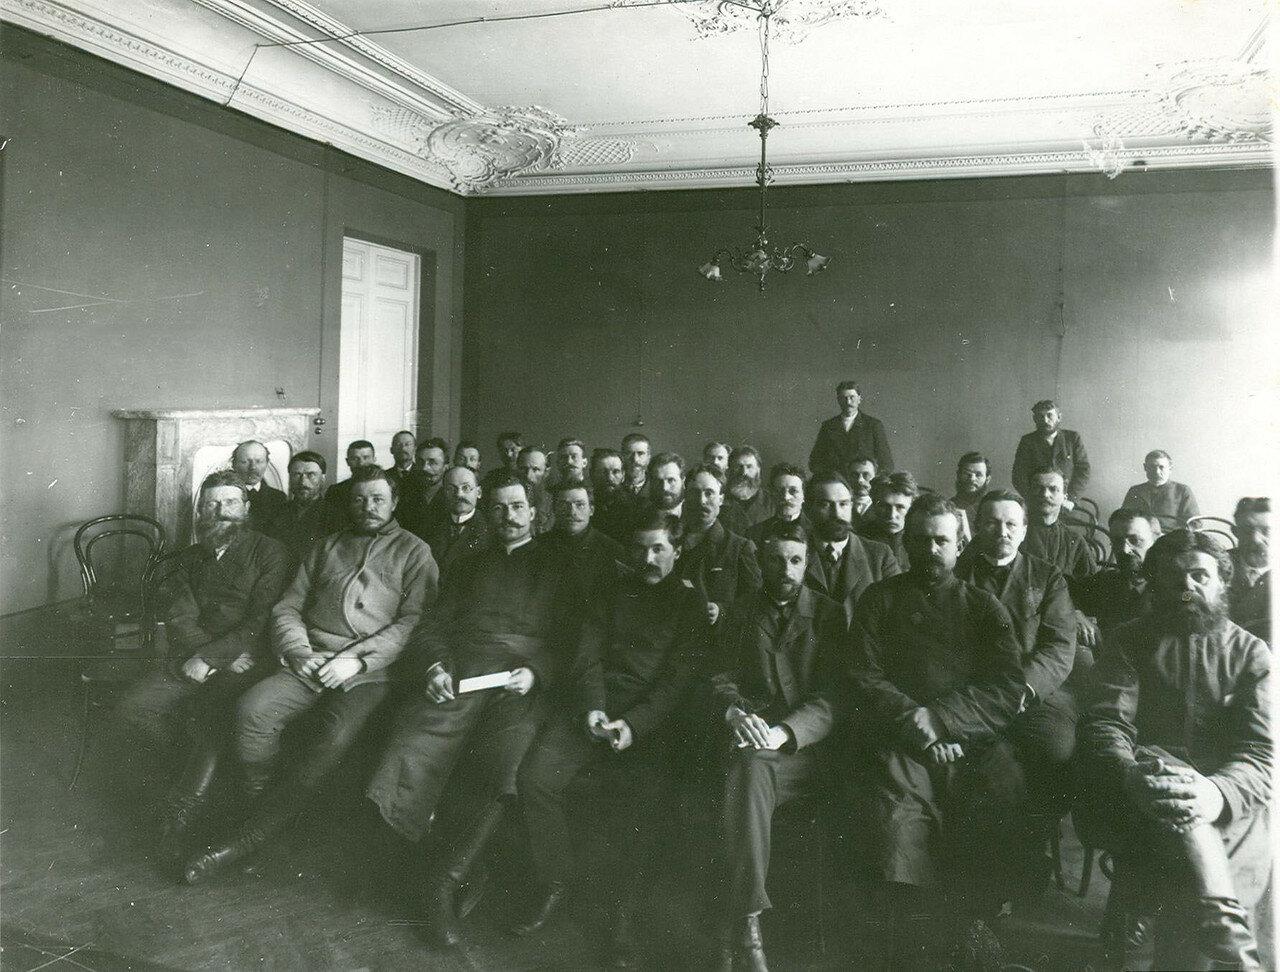 Вид части зала во время заседания Второй Государственной думы